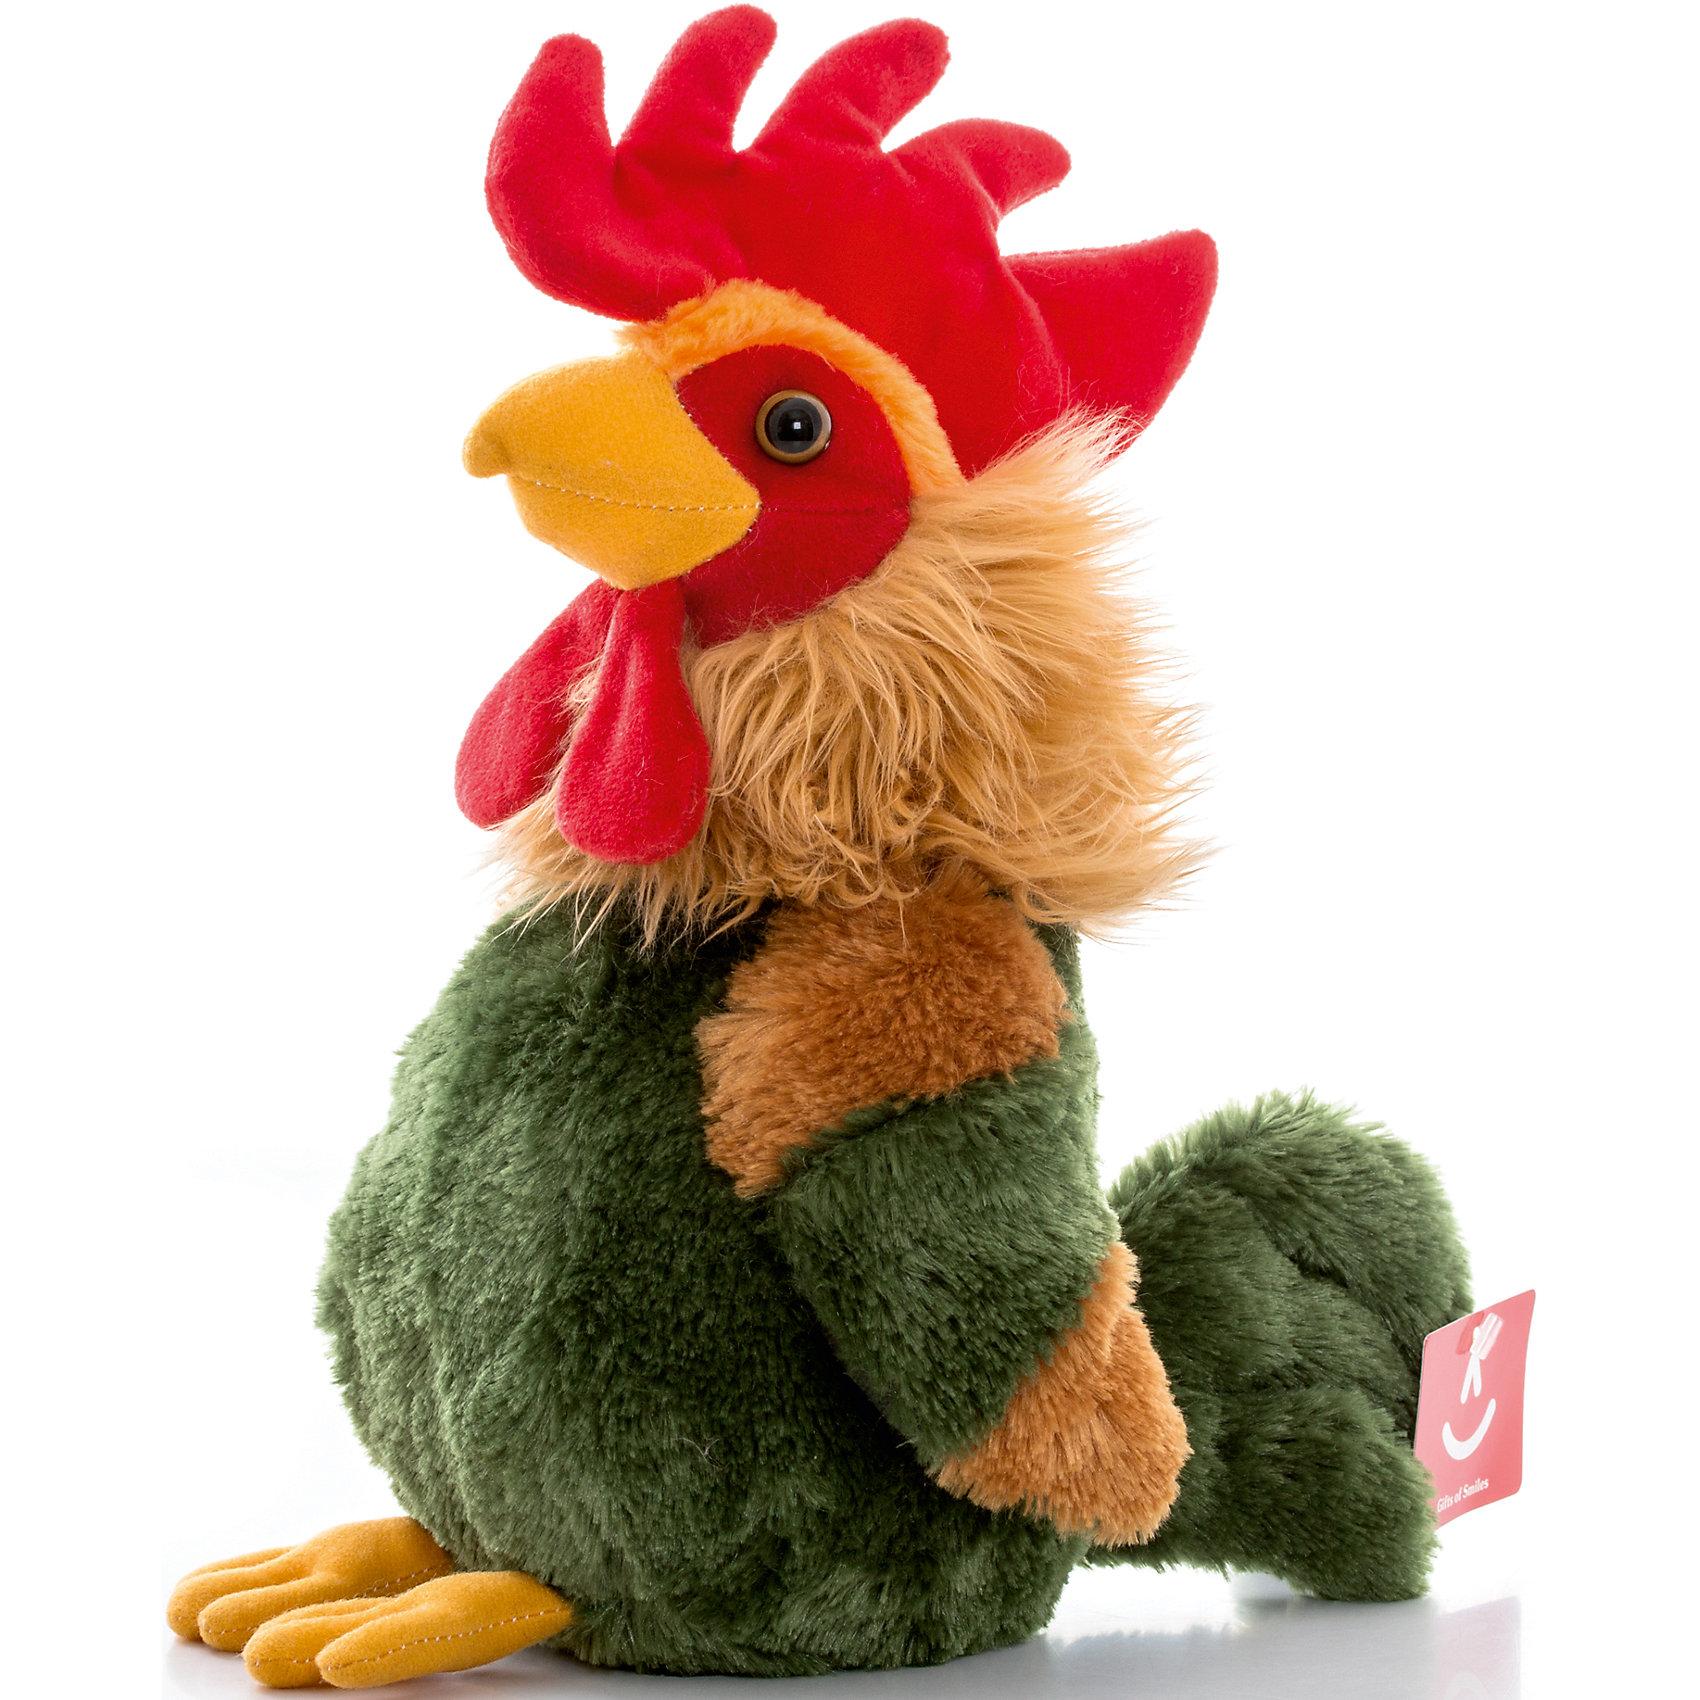 AURORA Игрушка мягкая Петушок пёстрый, 30 см, AURORA большую мягкую игрушку собаку лежа в москве